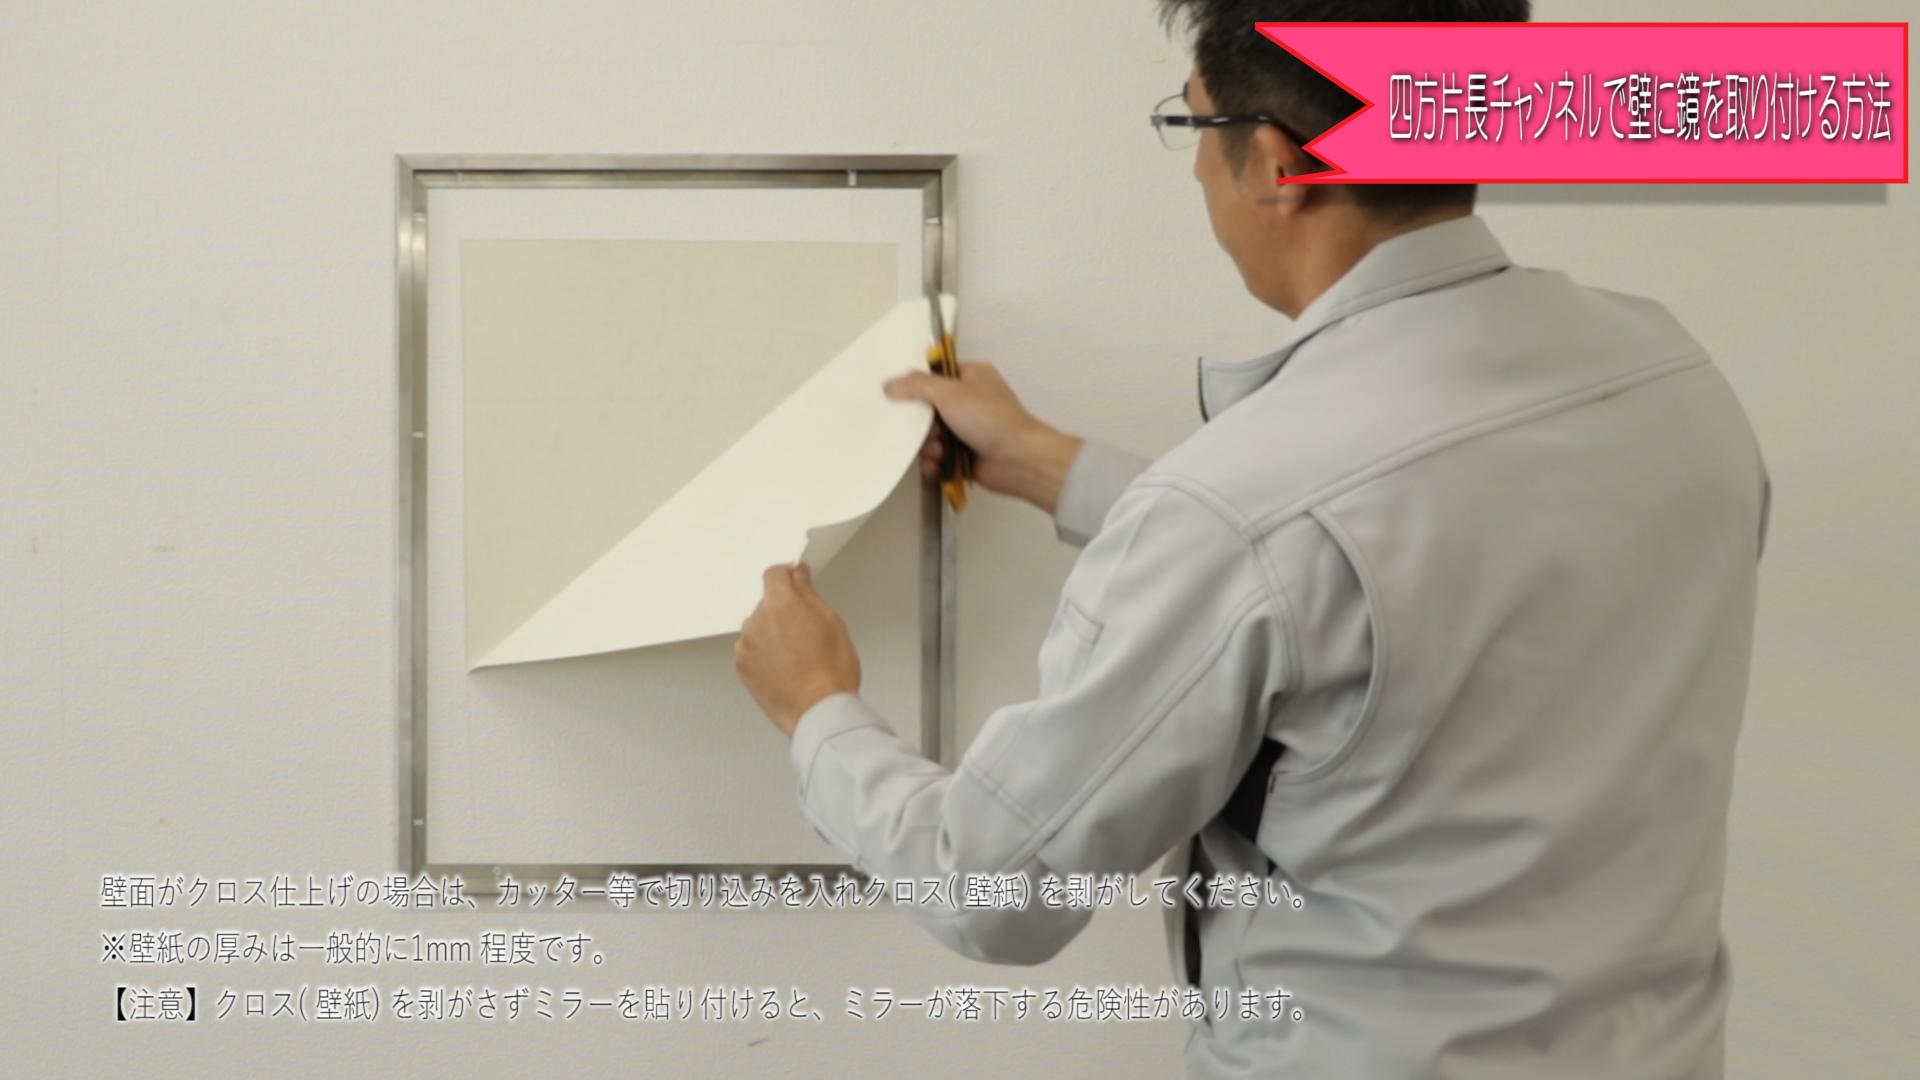 四方片長チャンネルで壁に鏡を取り付ける方法 Kg Press ガラス情報